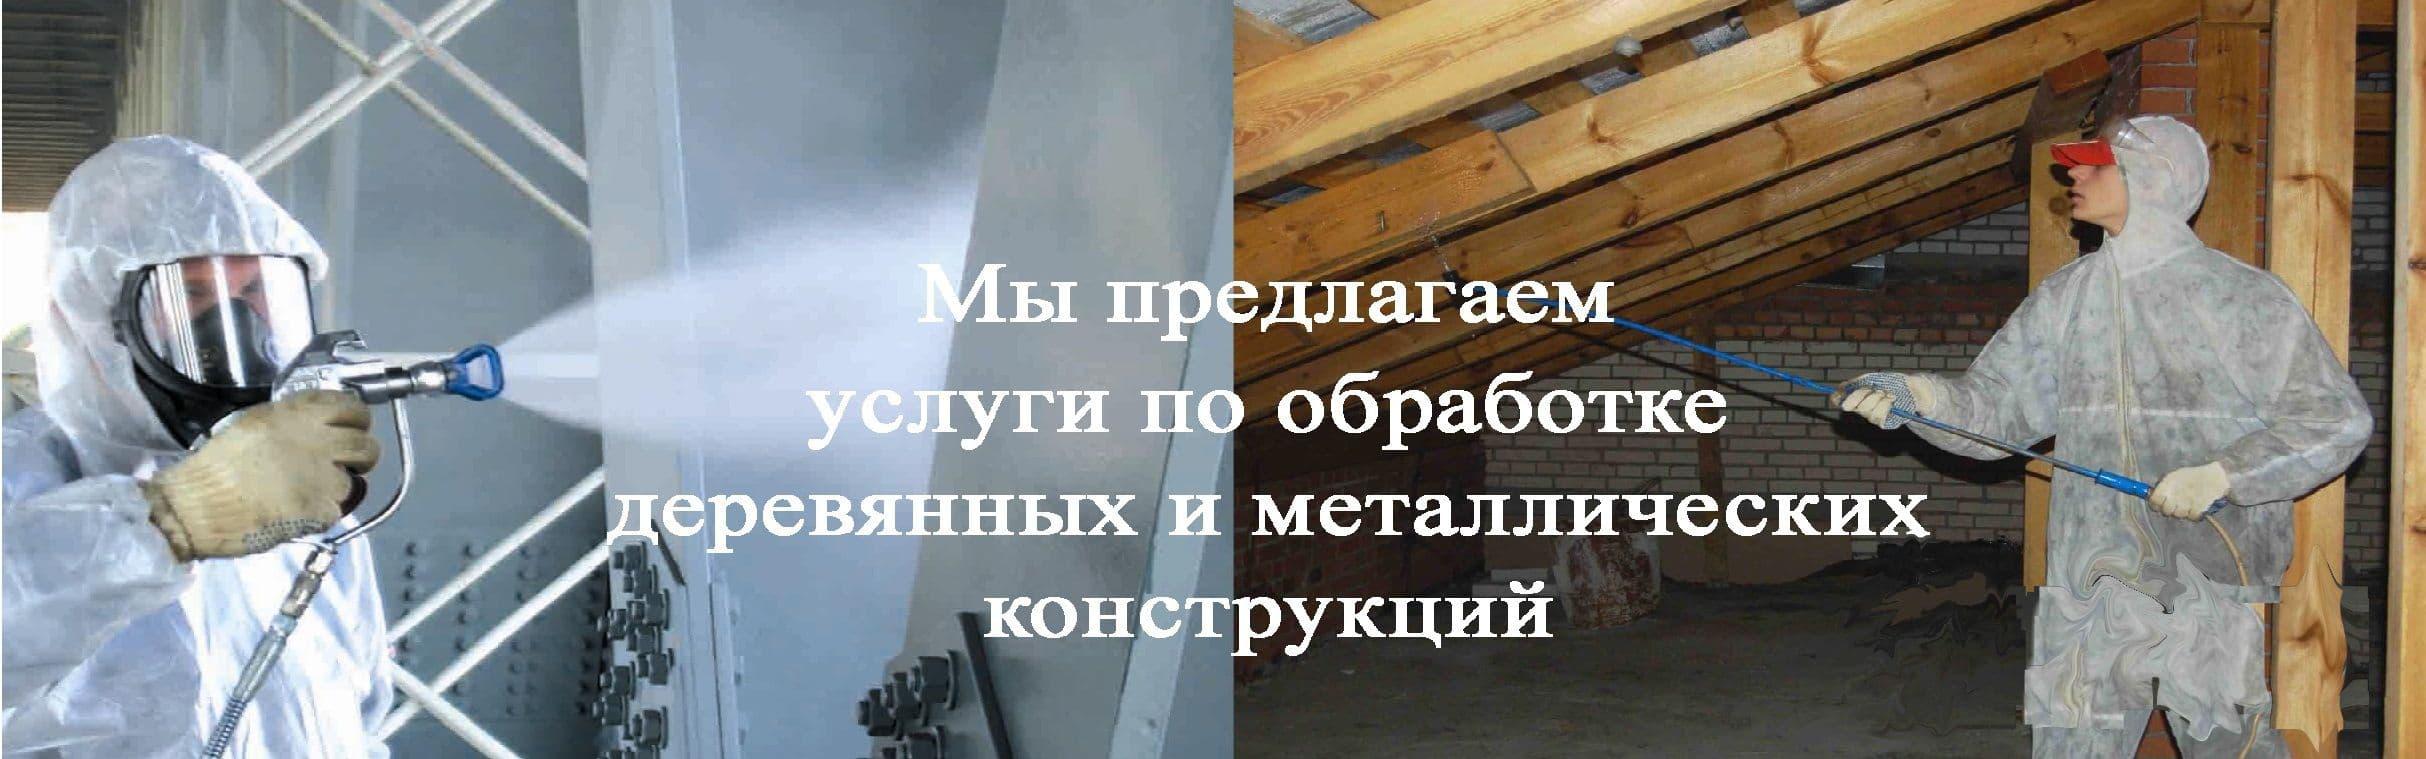 Огнезащитная обработка металлических и деревянных конструкций